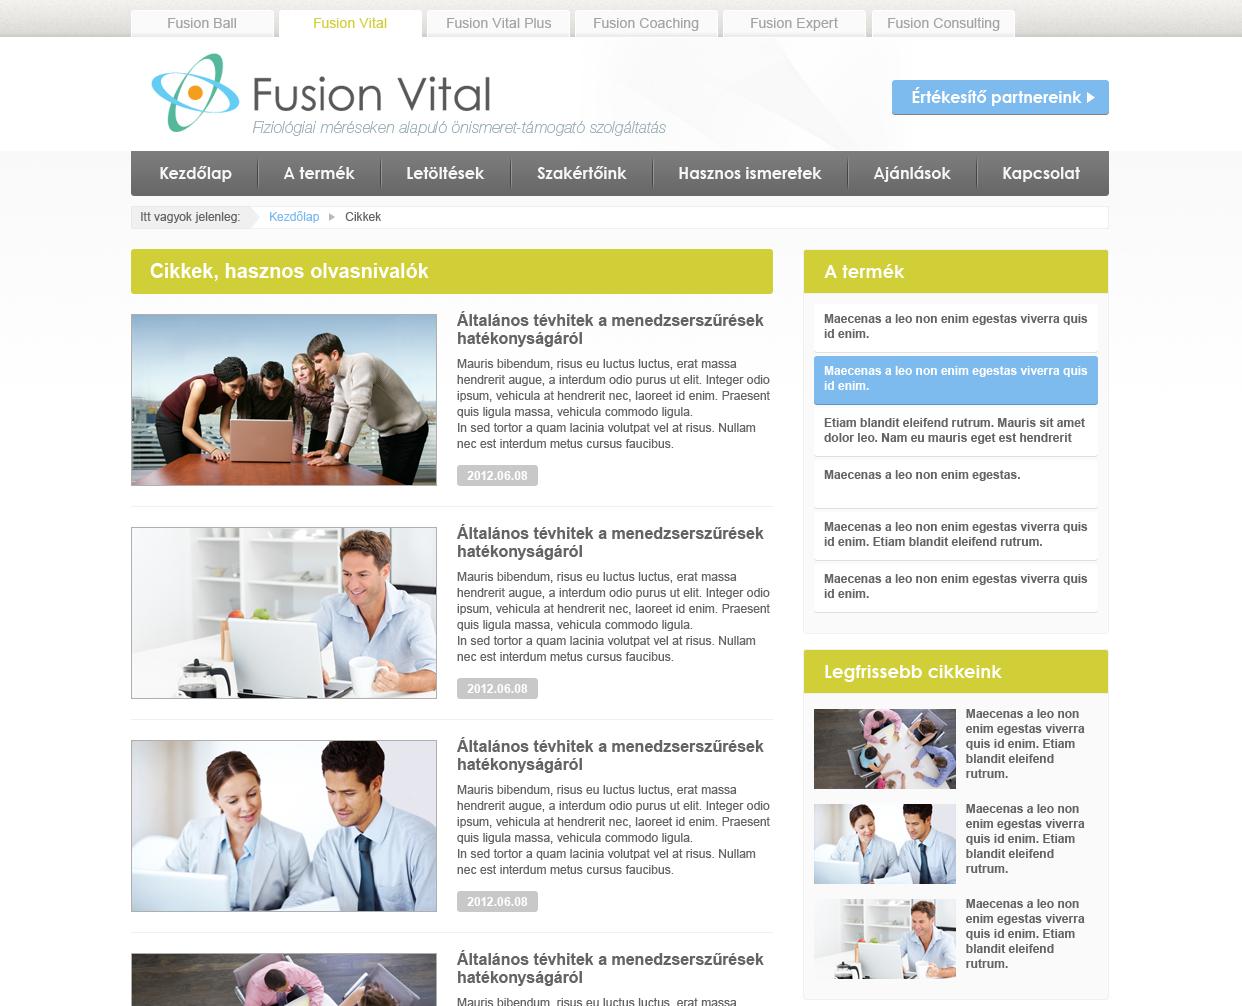 Fusion Vital